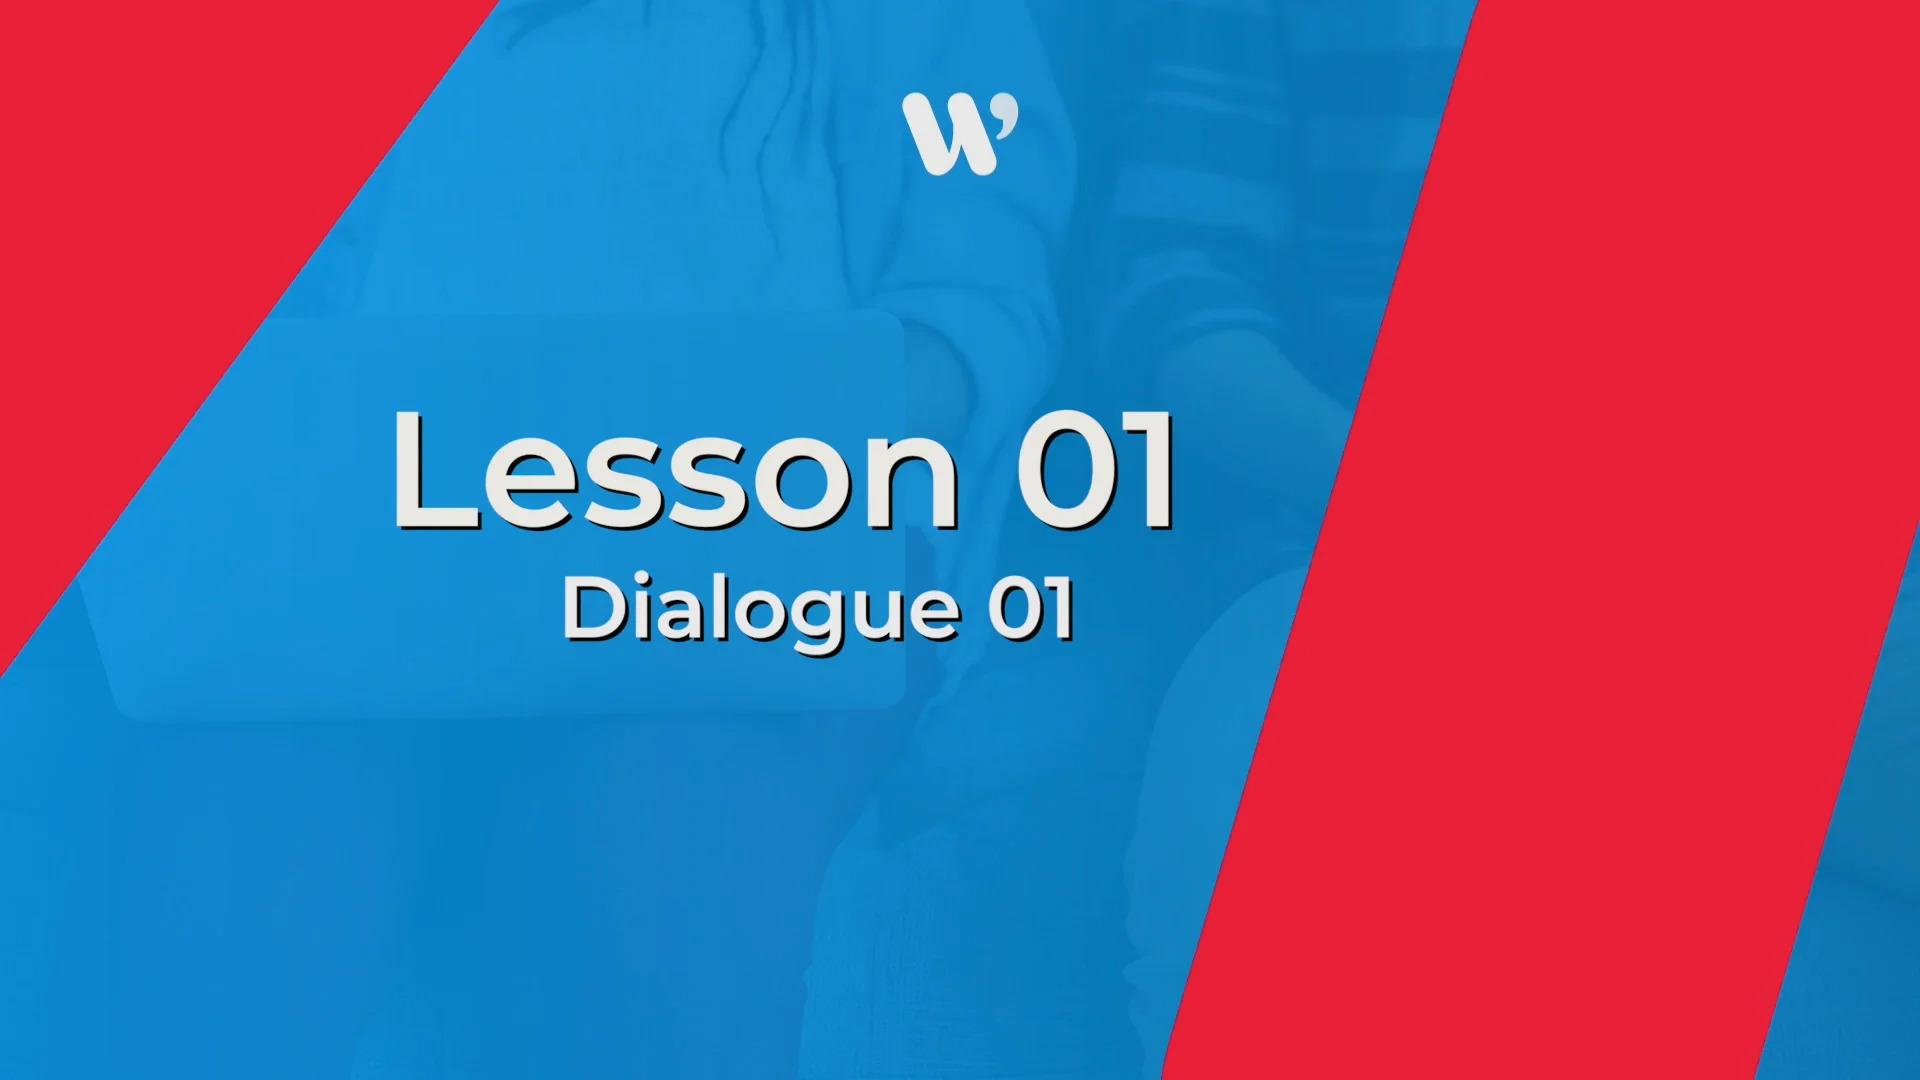 Lesson 01 - Dialogue 01